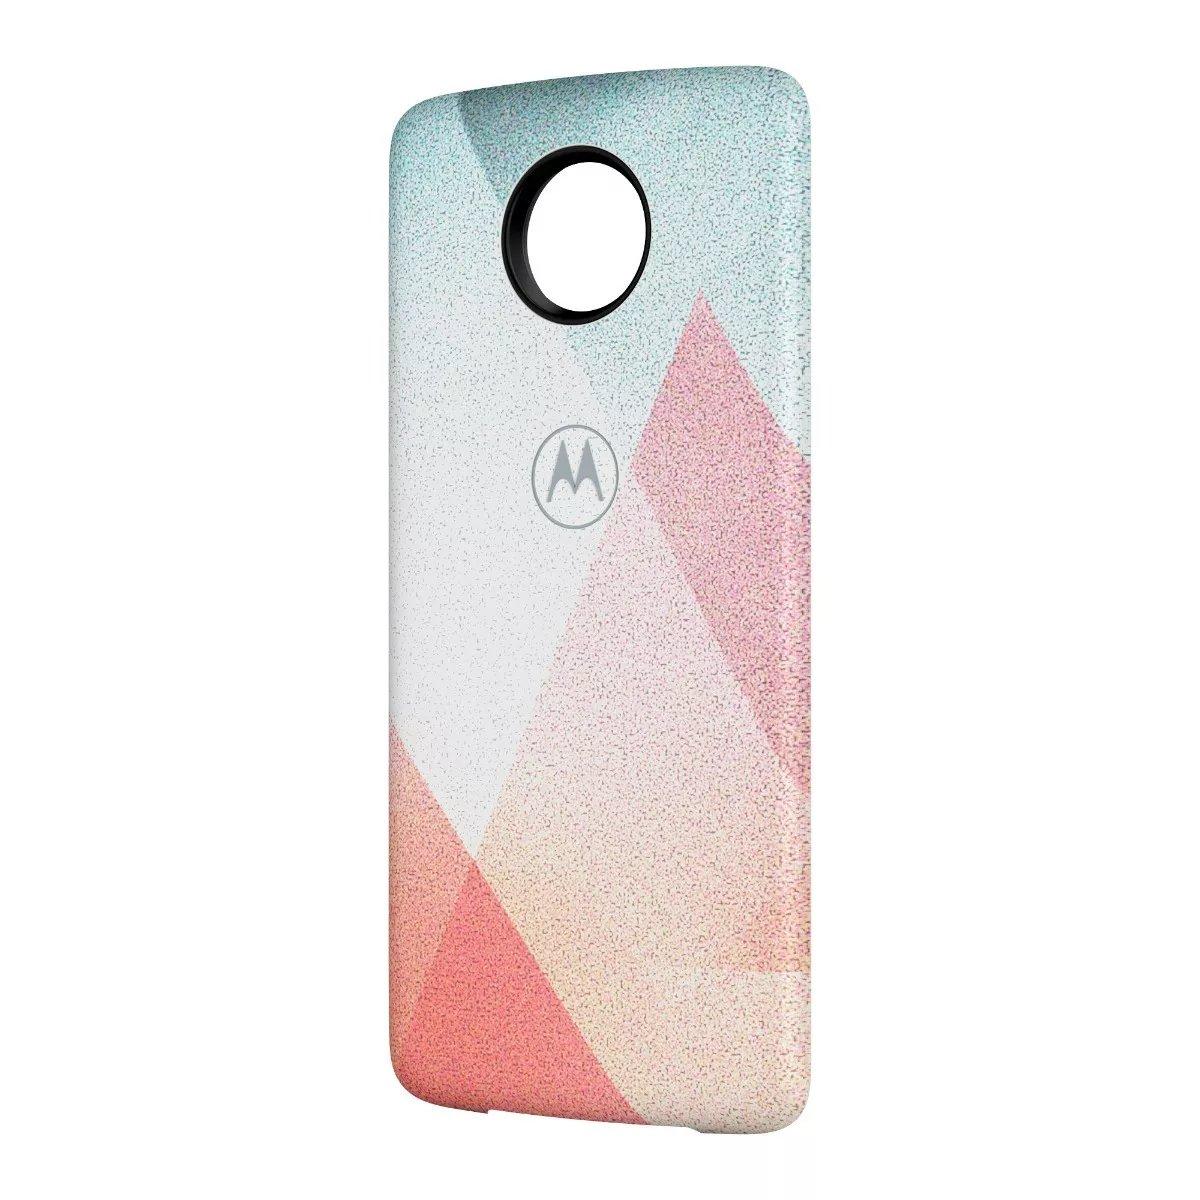 Moto Mod Motorola Bateria Con Diseño De Triangulos